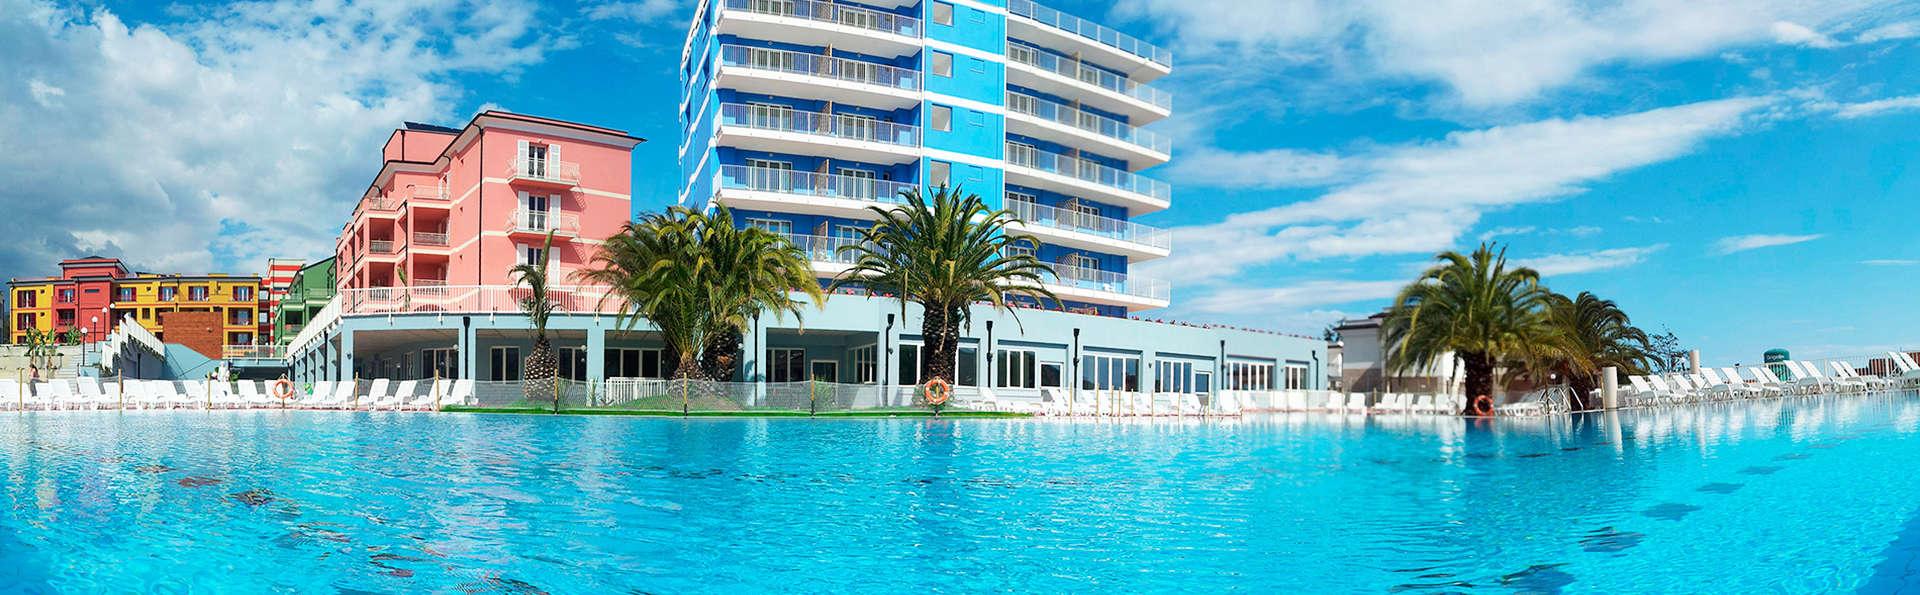 Bien-être sur la côte de Ligurie : séjour relax avec accès au spa